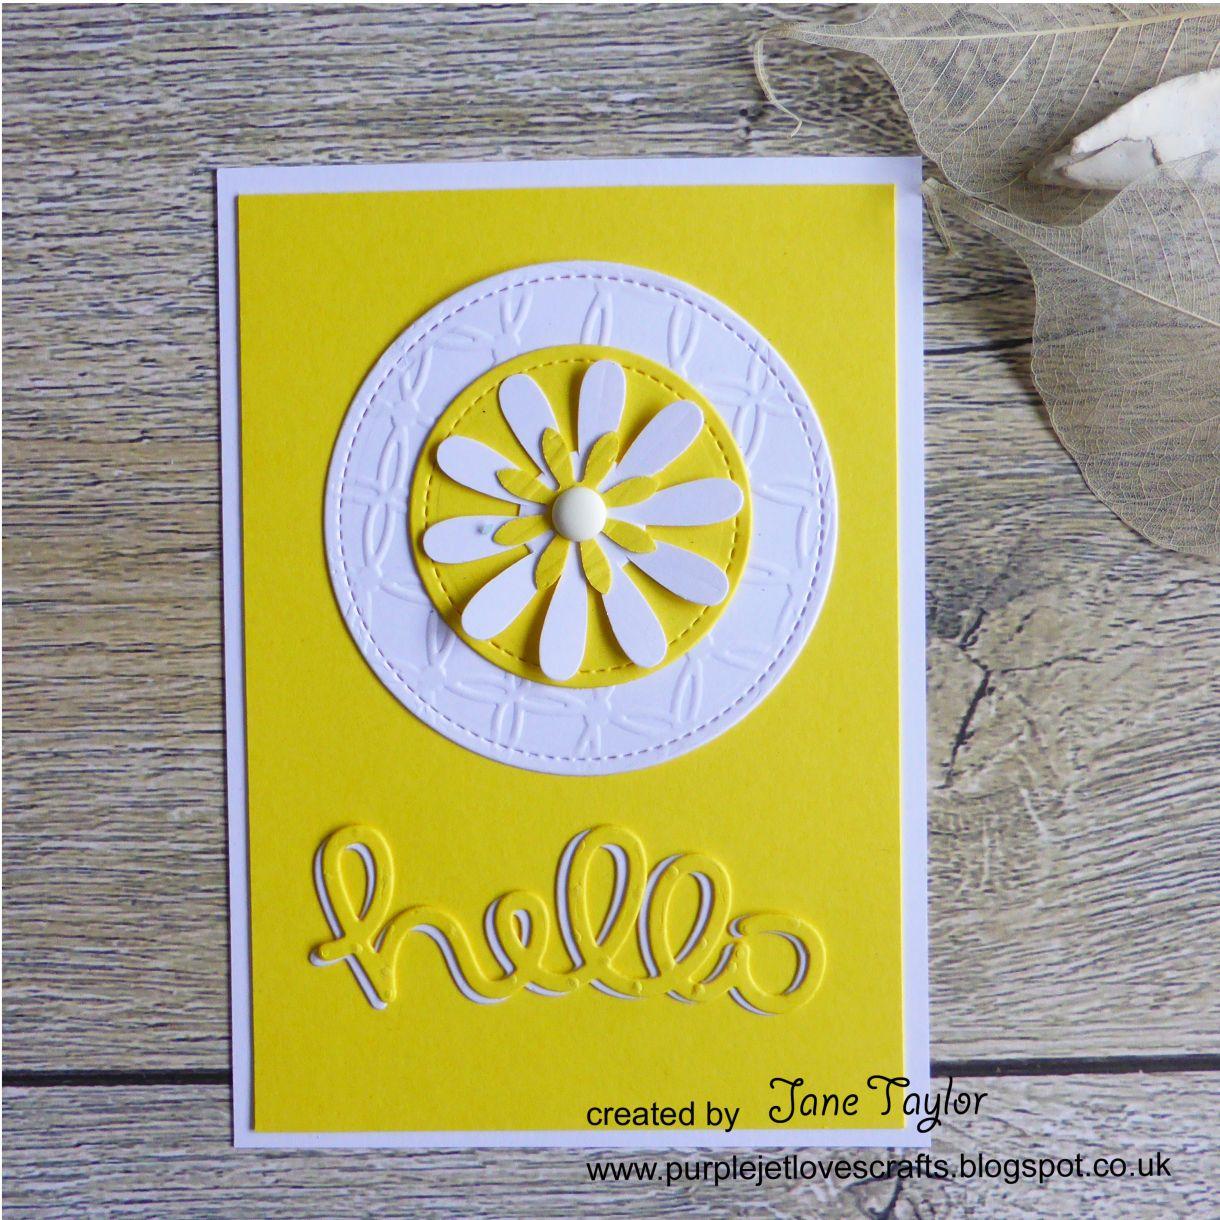 Jane Yellow 1 Watermark